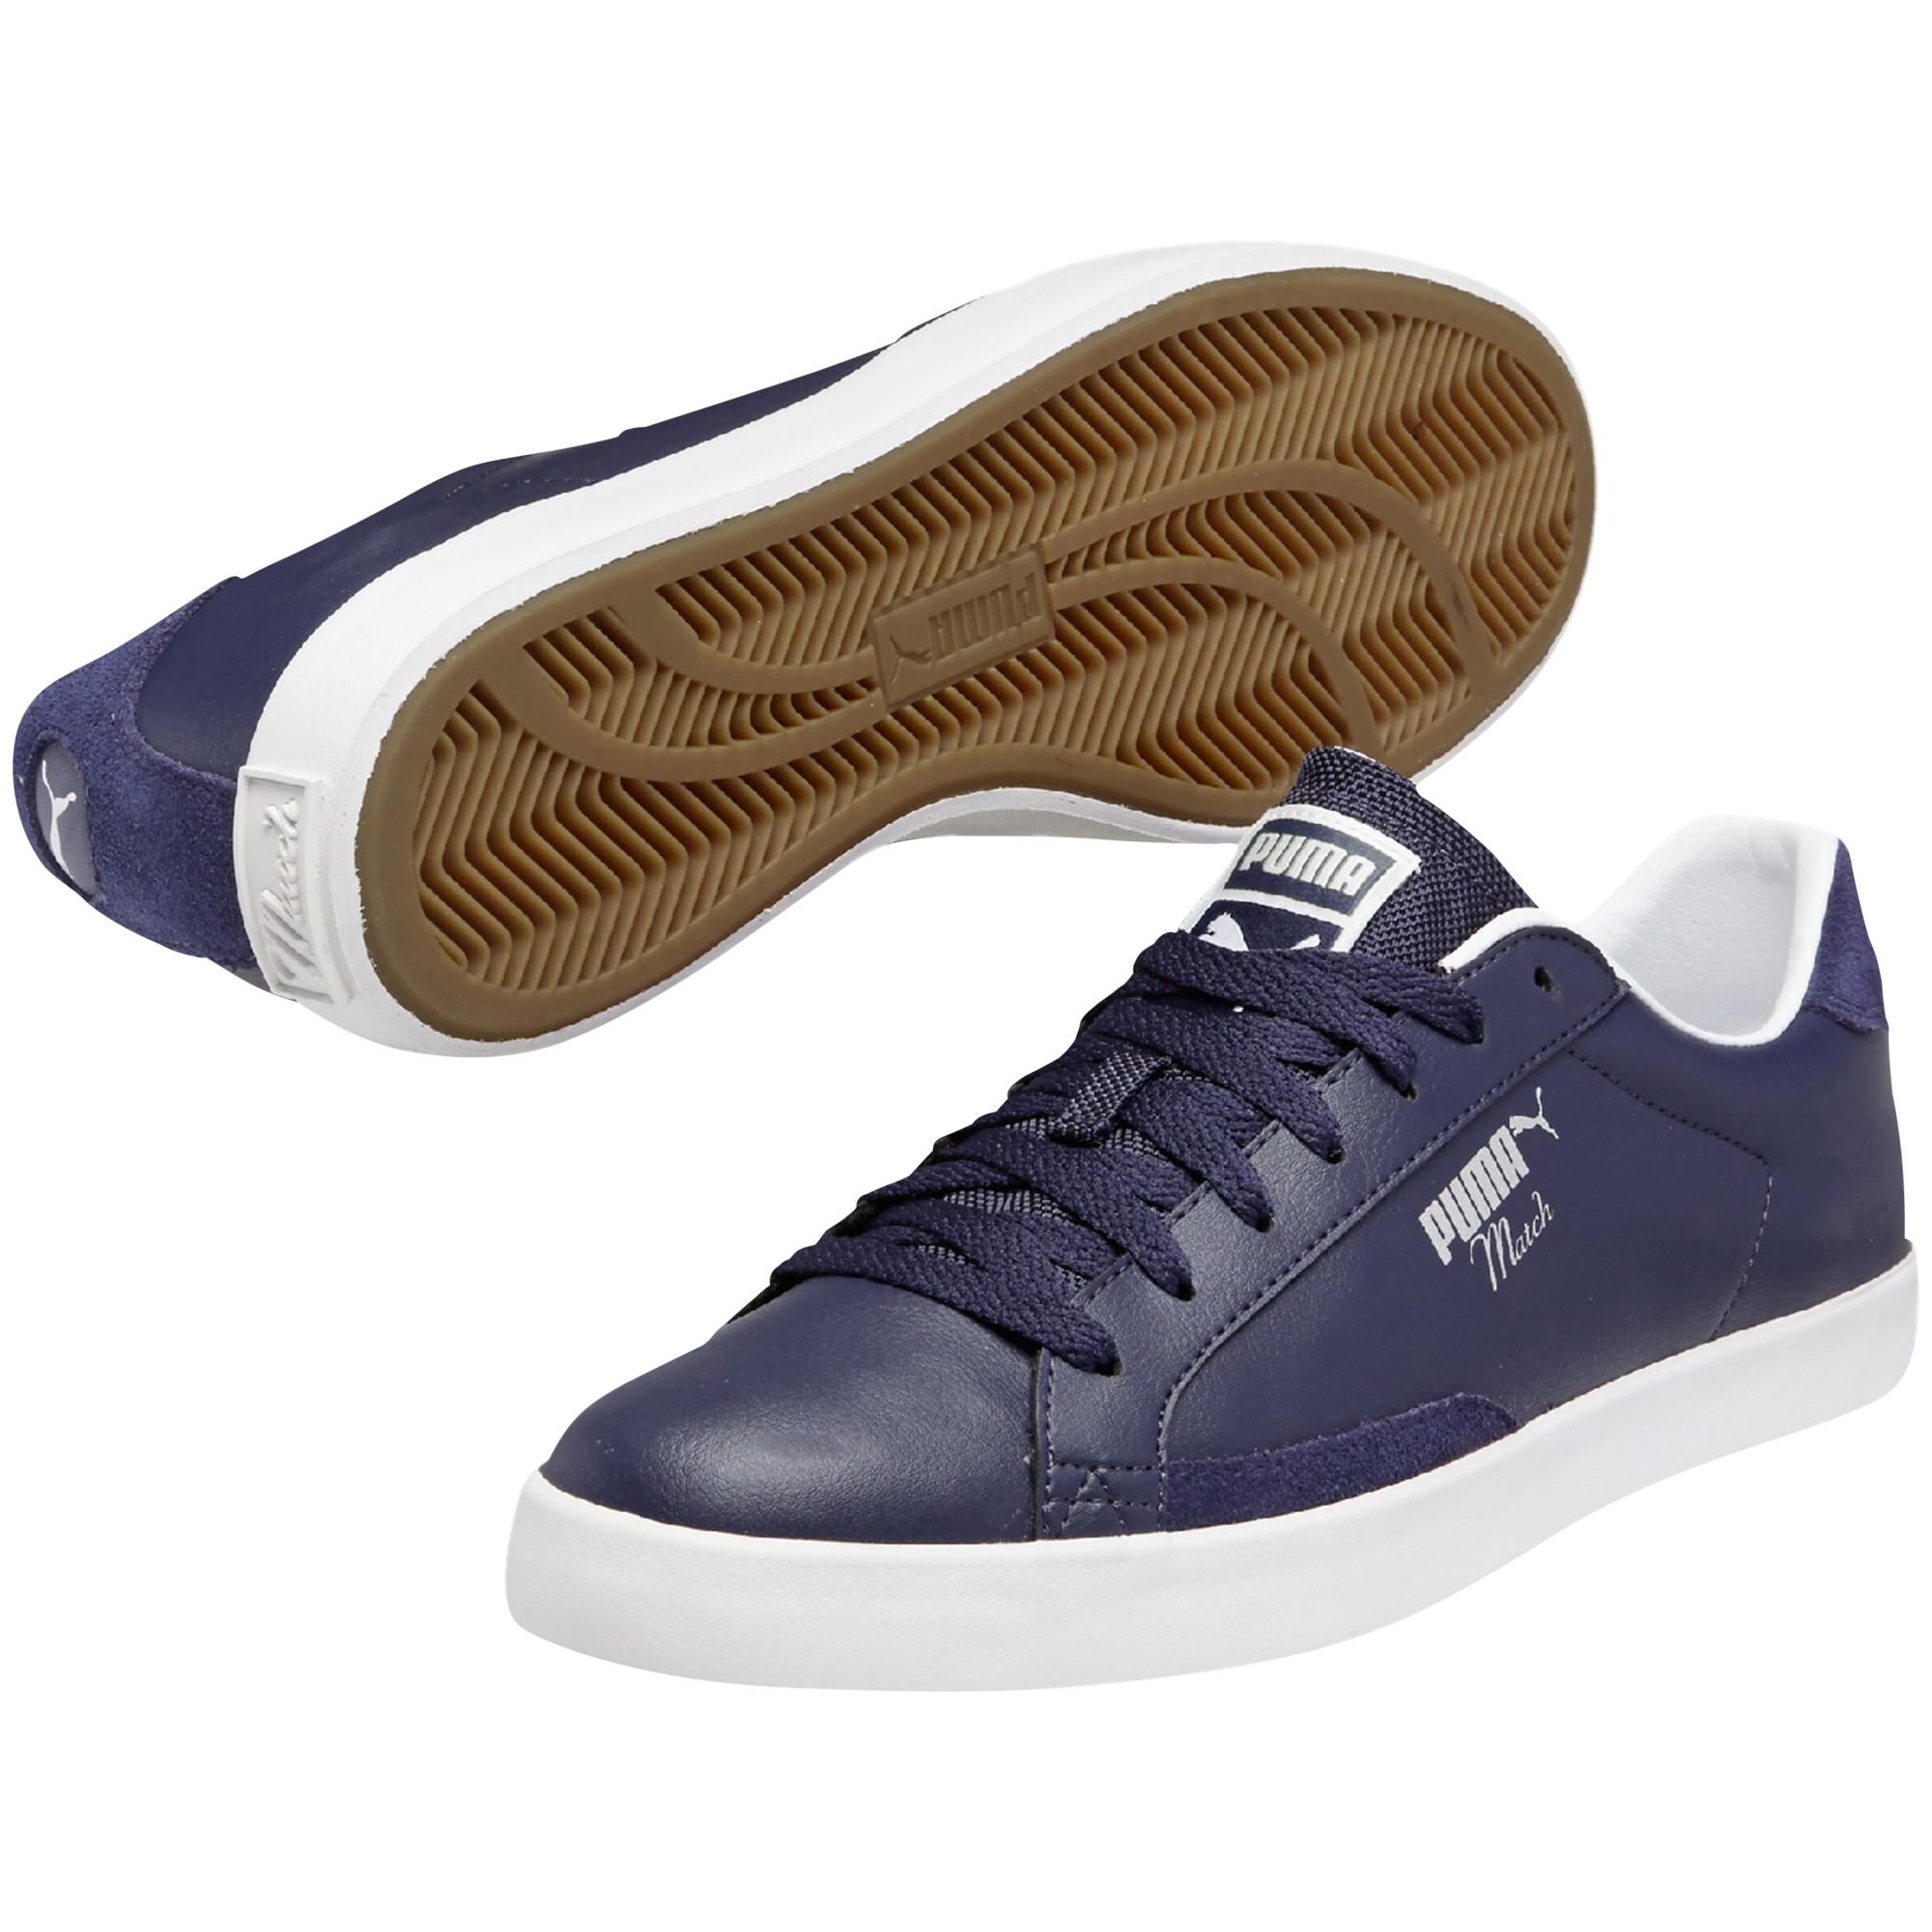 262833478a9730 PUMA Match Vulc Modern Trainers in Blue for Men - Lyst